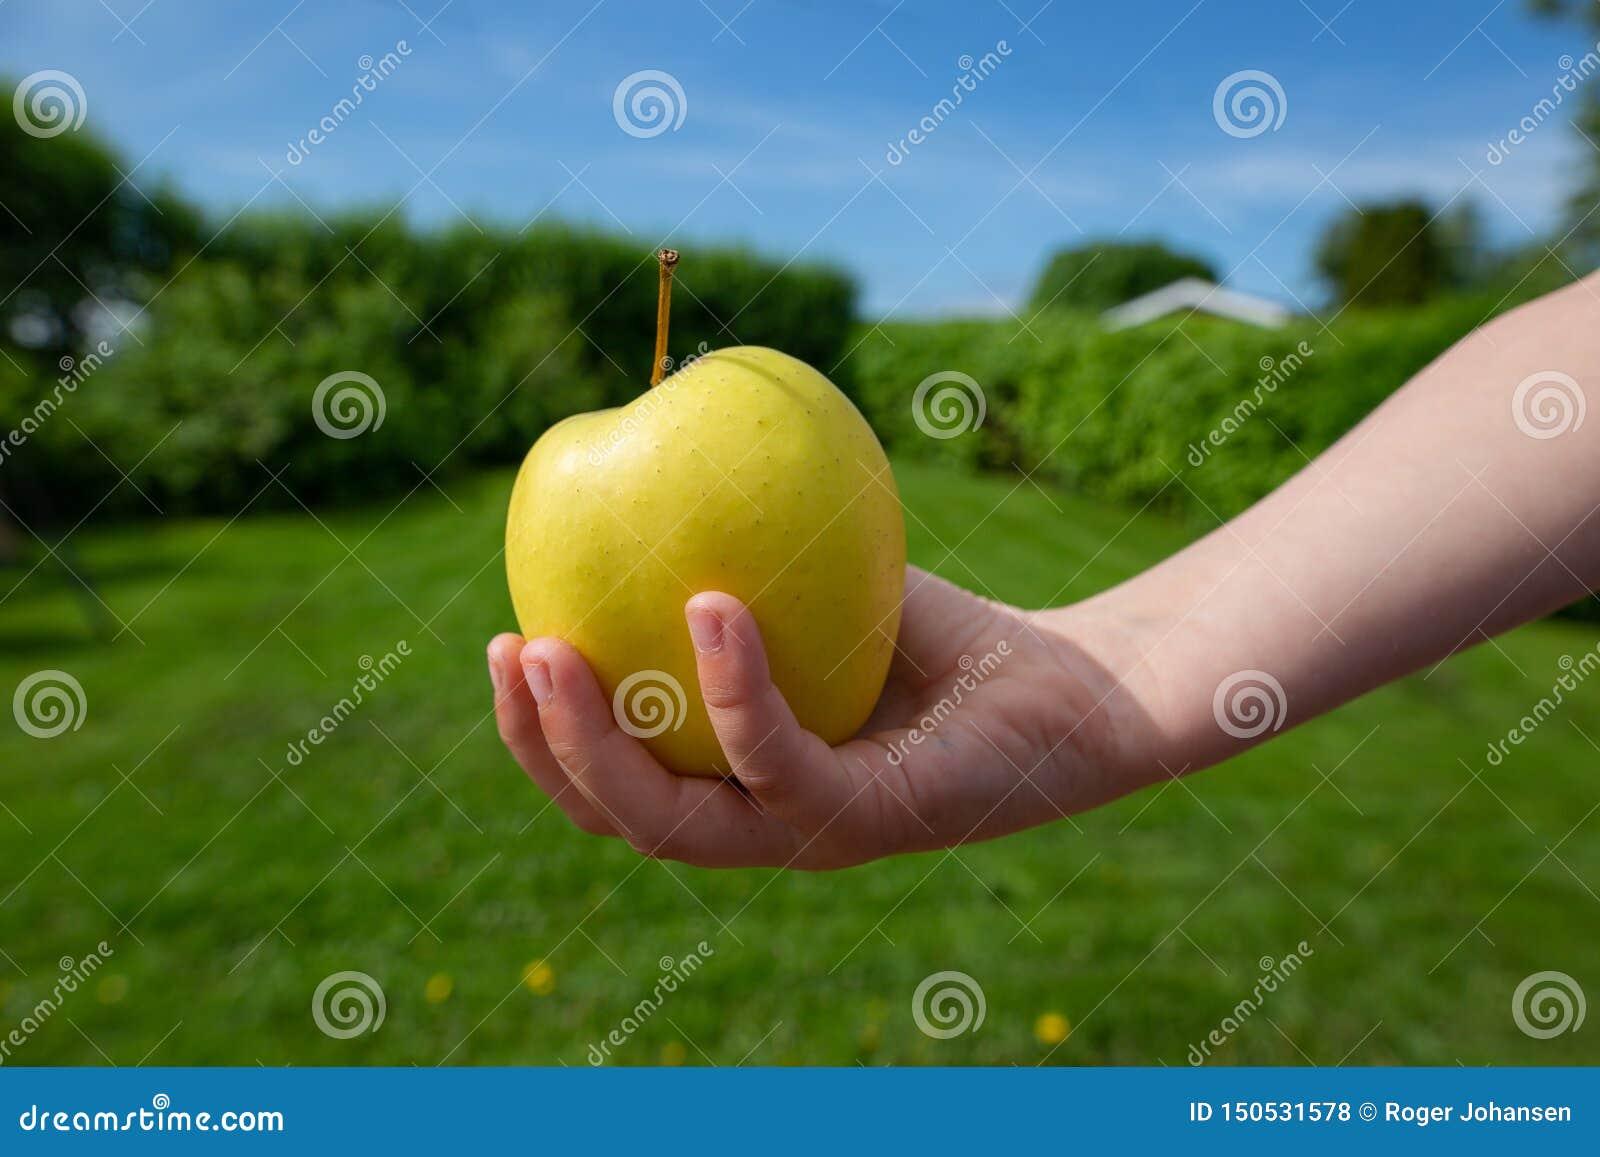 Ein grüner Apfel in einer Hand, die heraus erreicht